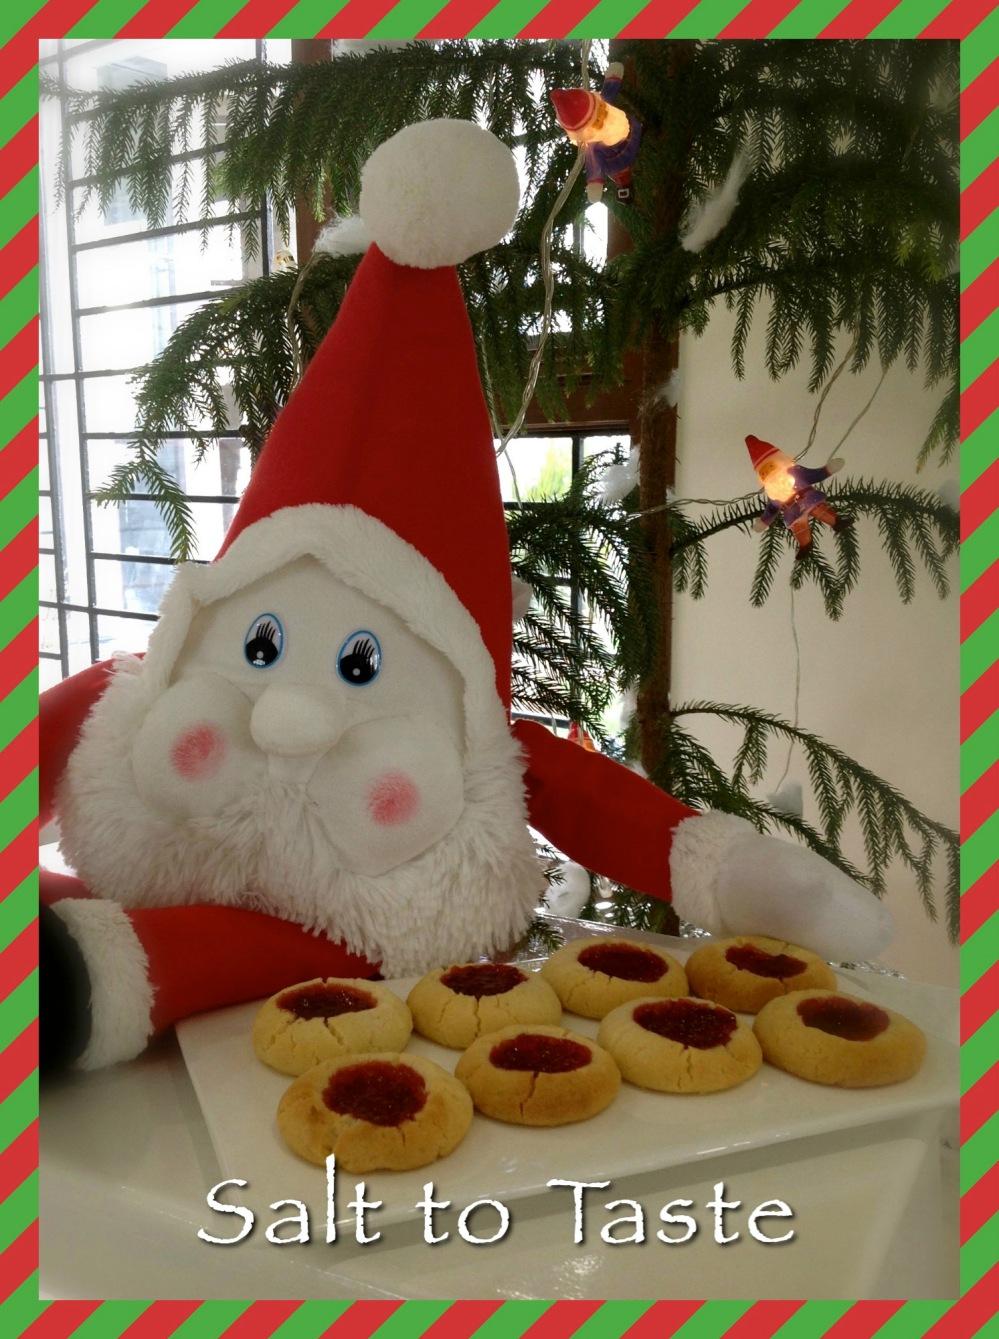 Cookies for Santa 24 Dec 2014